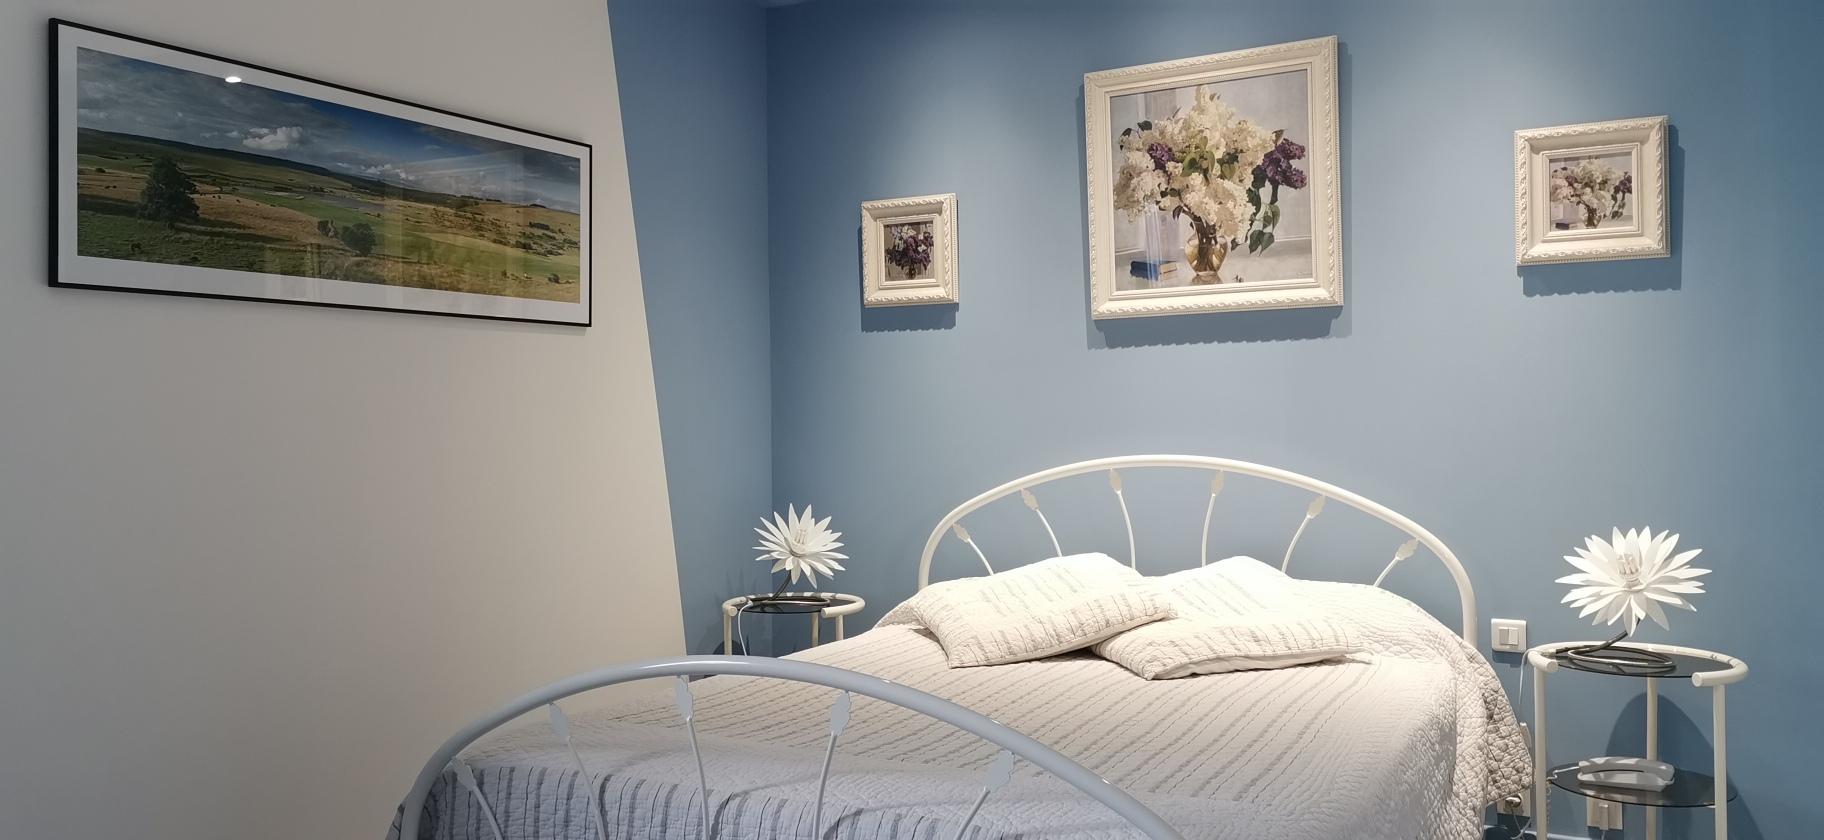 Activité réduite: c'est l'occasion de refaire certaines chambres!